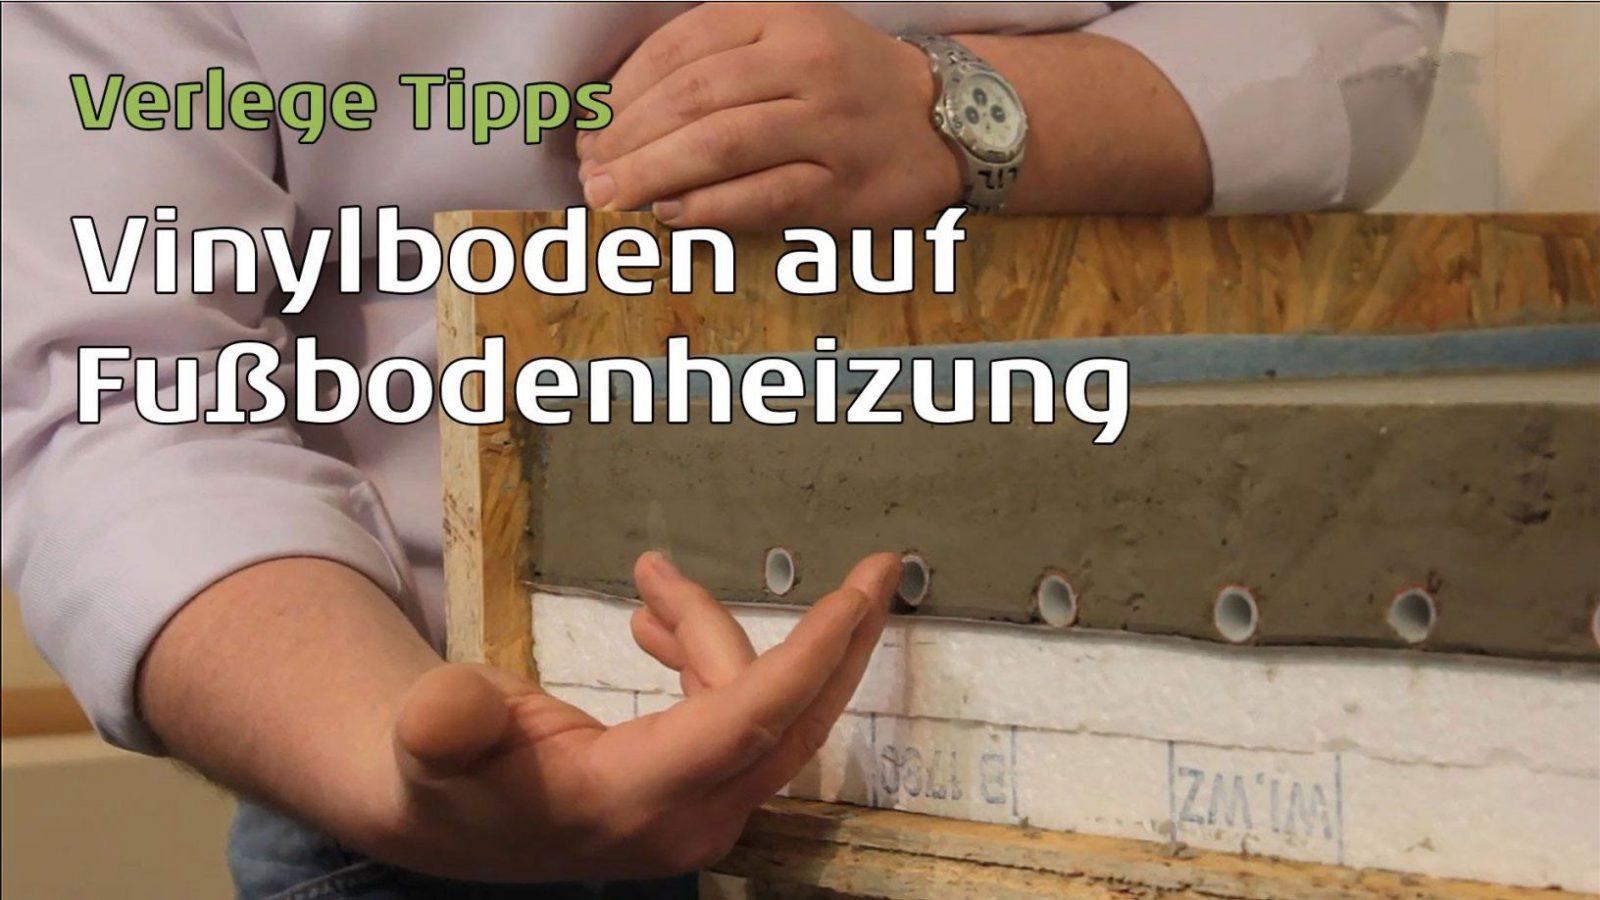 Vinylboden Schwimmend Auf Fußbodenheizung Verlegen  Youtube von Vinylboden Auf Fliesen Mit Fussbodenheizung Verlegen Bild